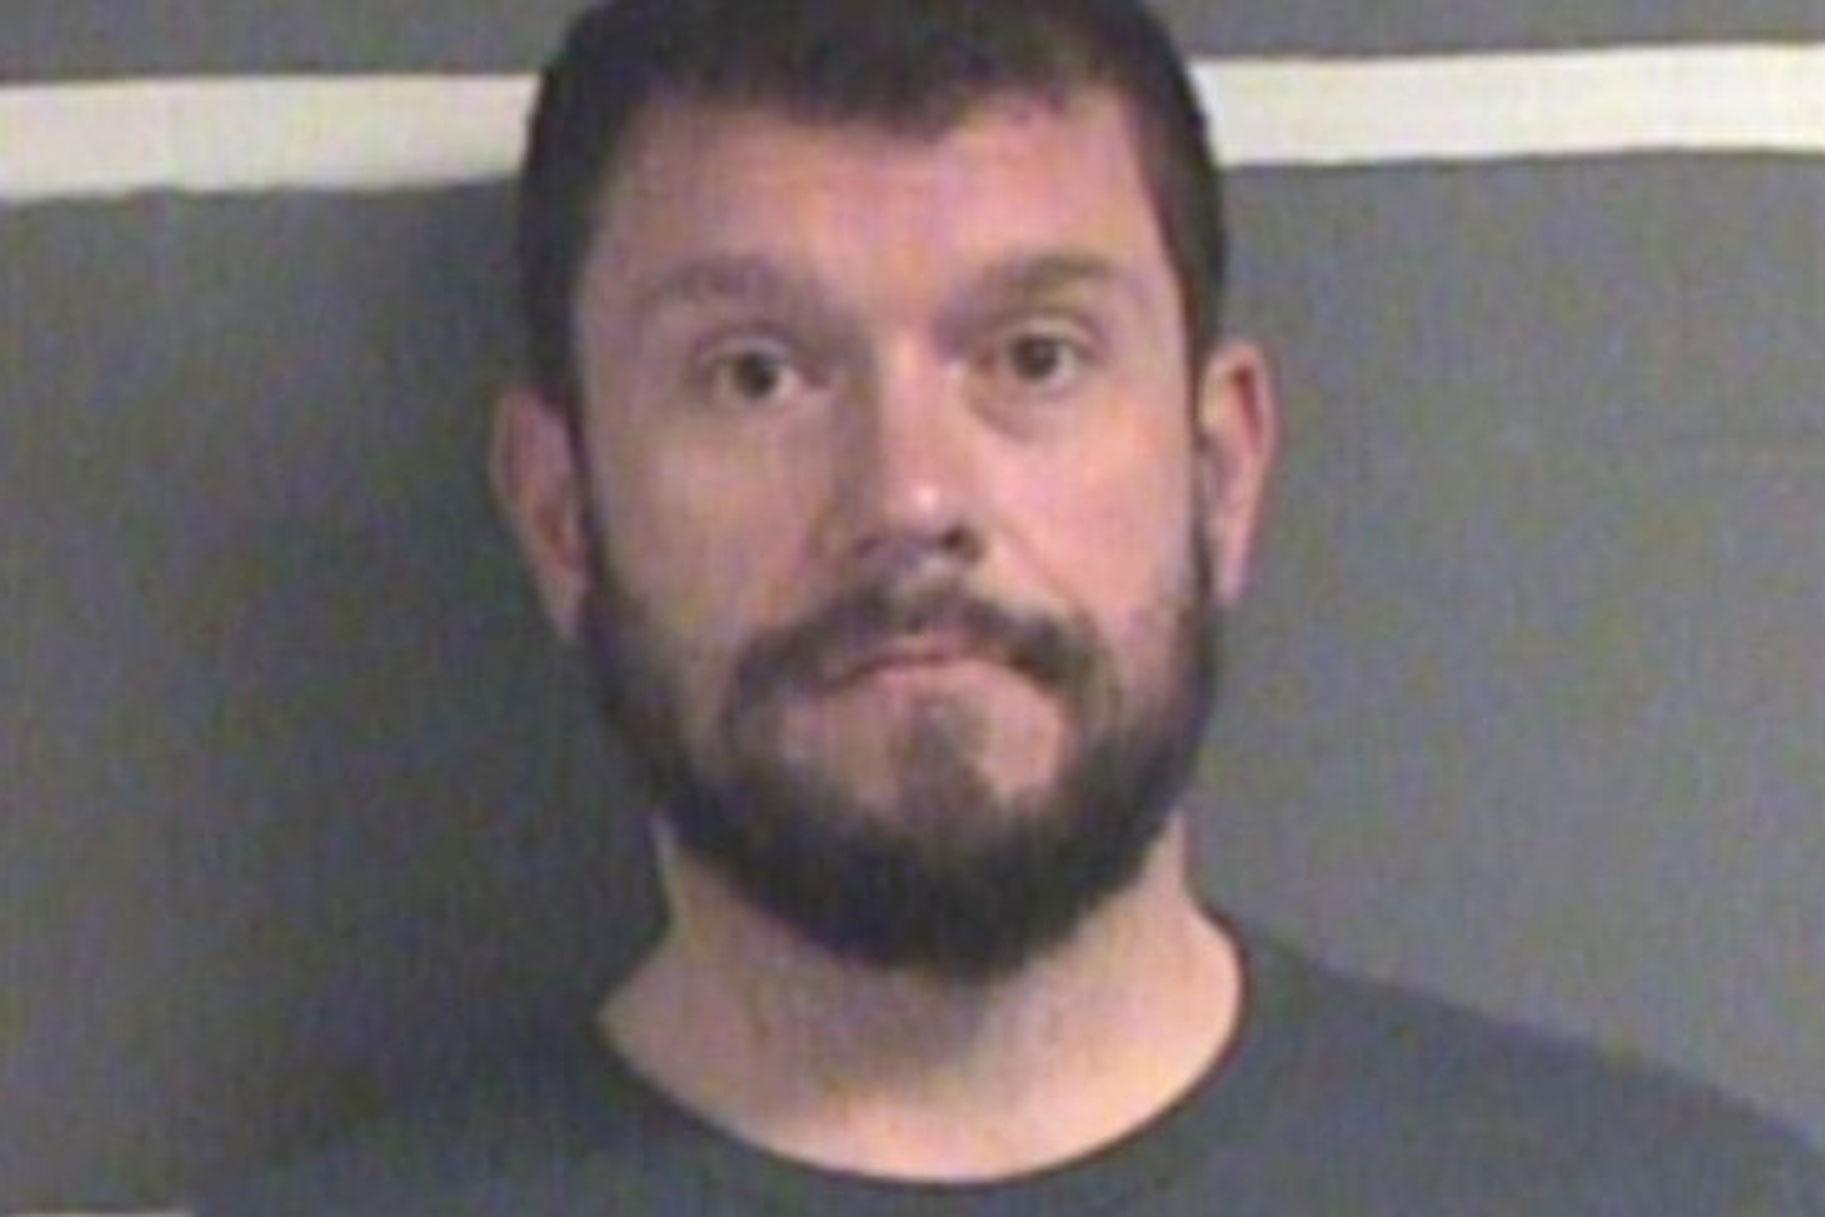 מפקד משטרה לשעבר נעצר לאחר שזייף לכאורה מסמך בית משפט כדי לסייע לדרכי הרמאות שלו